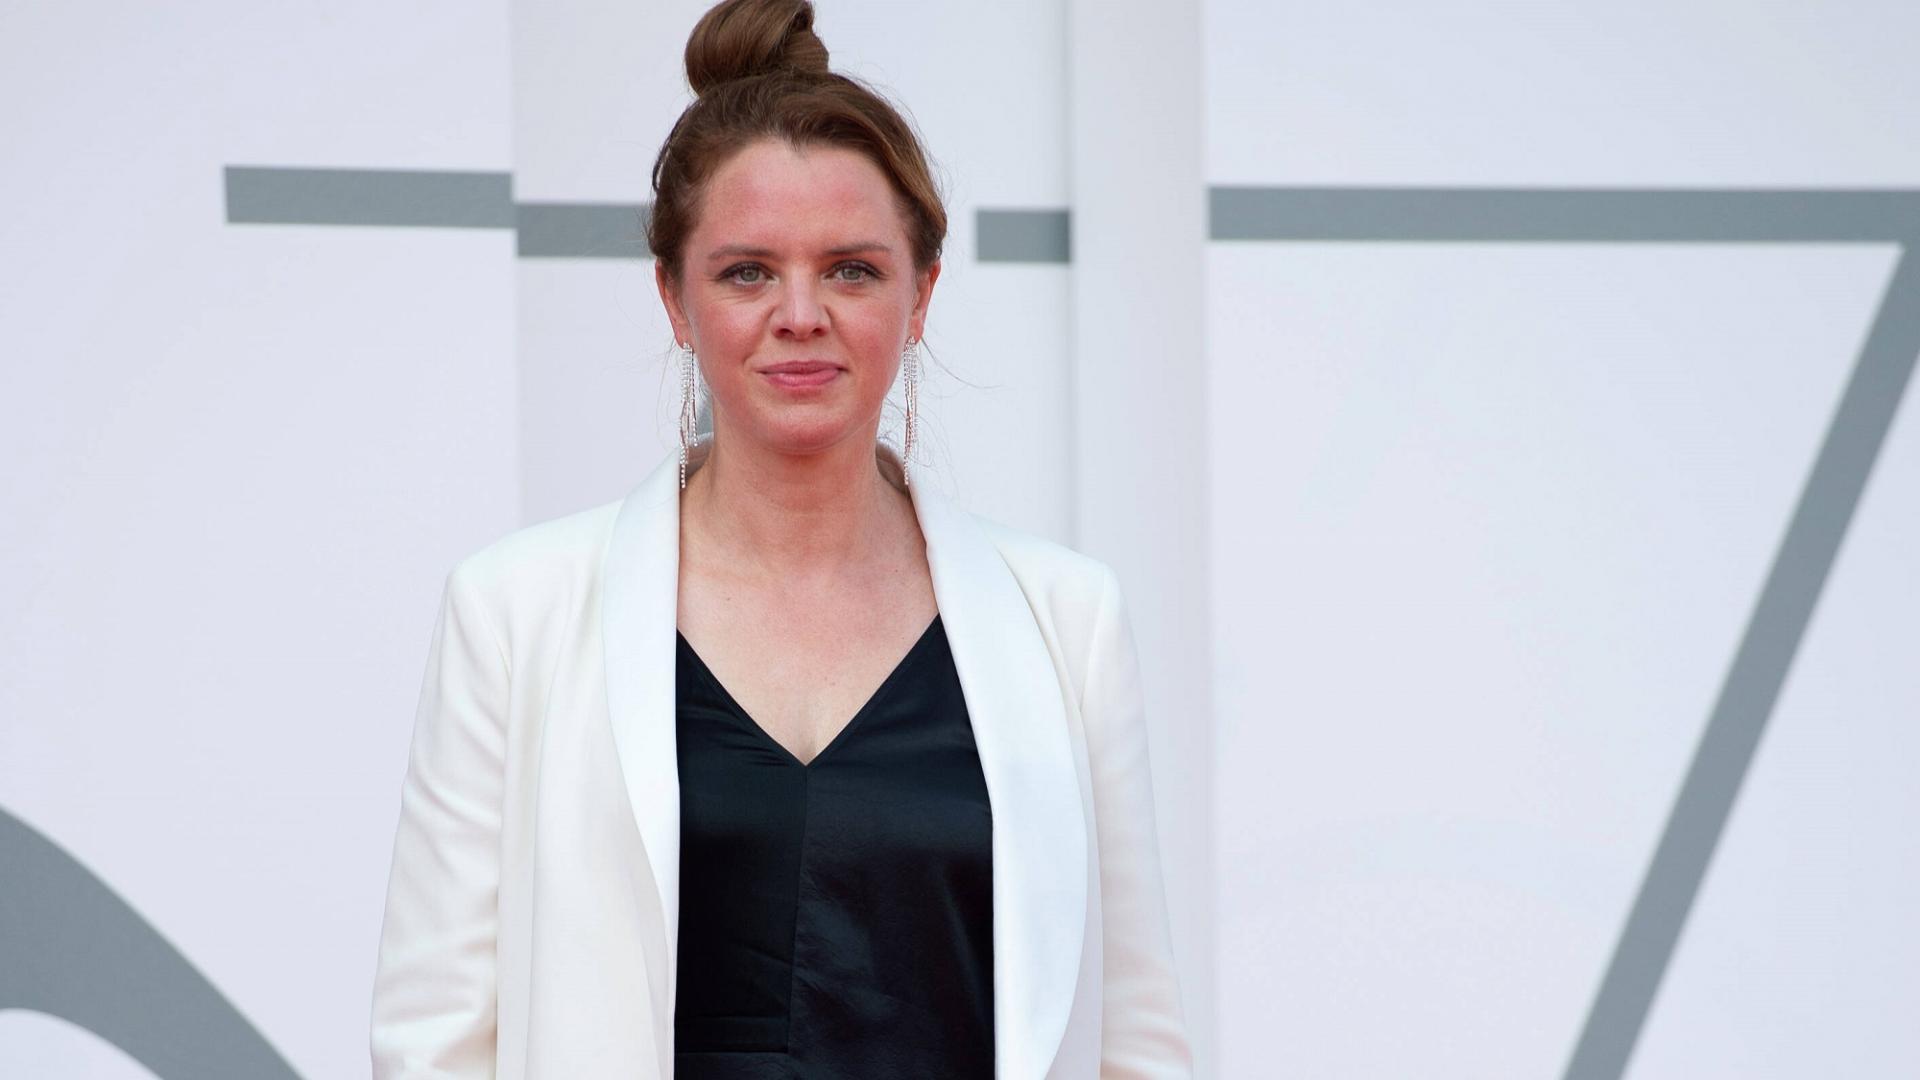 Julia von Heinz, Filmfestival, Frauen